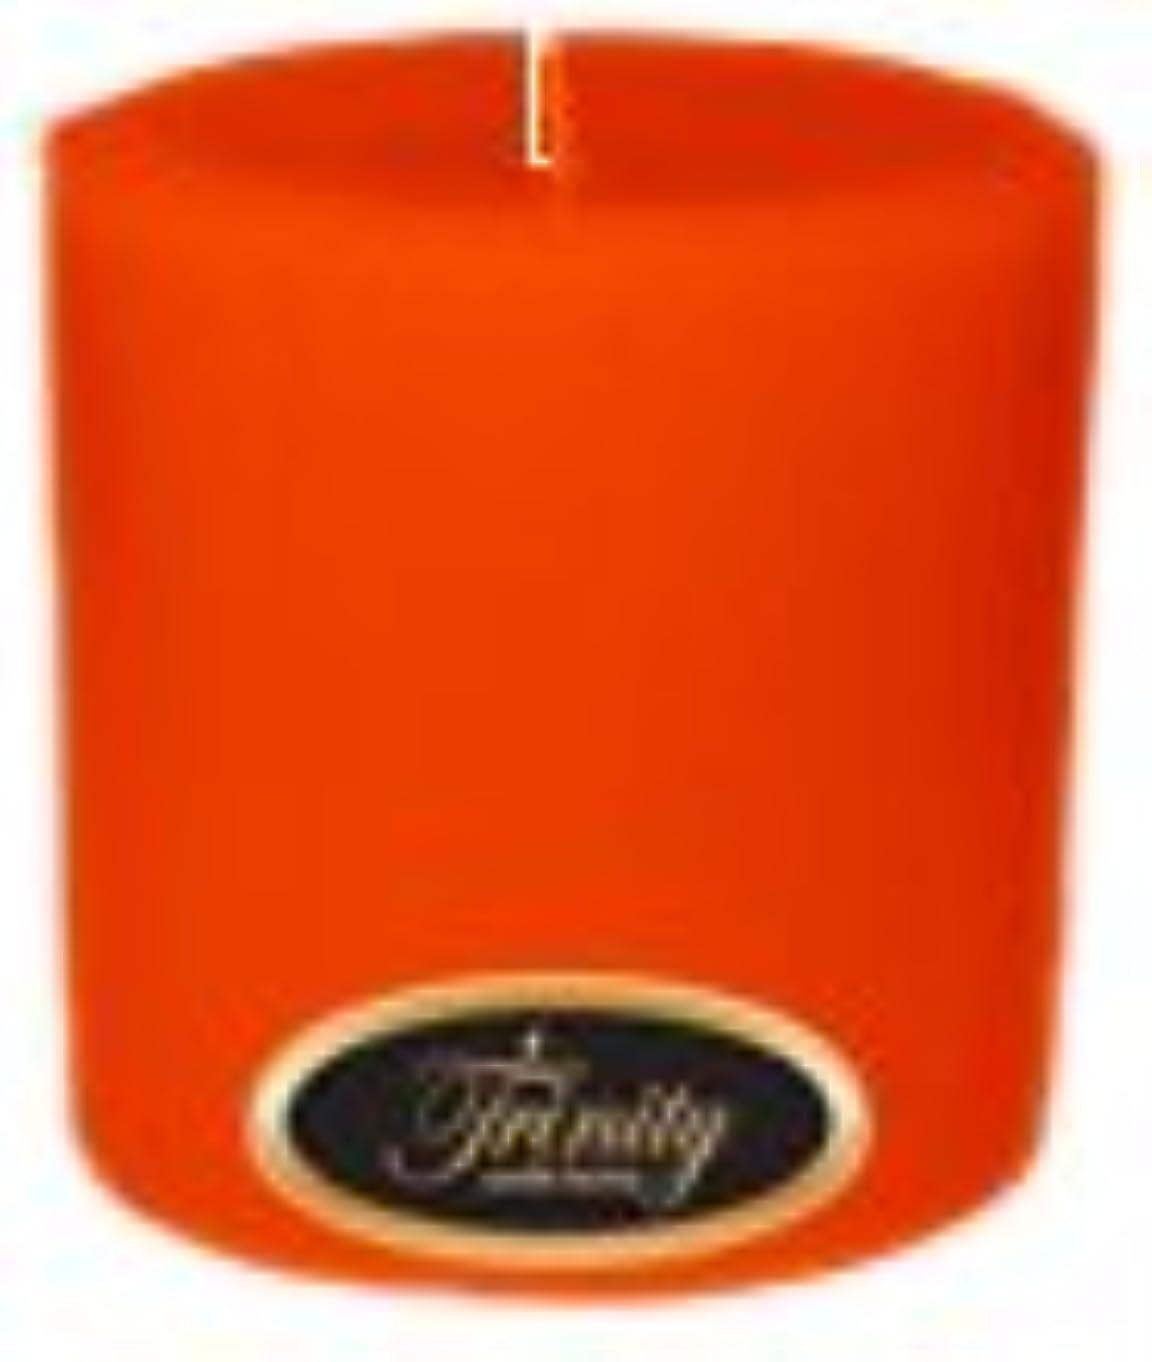 アノイ発信明らかにTrinity Candle工場 – Pumpkin Pie – Pillar Candle – 4 x 4